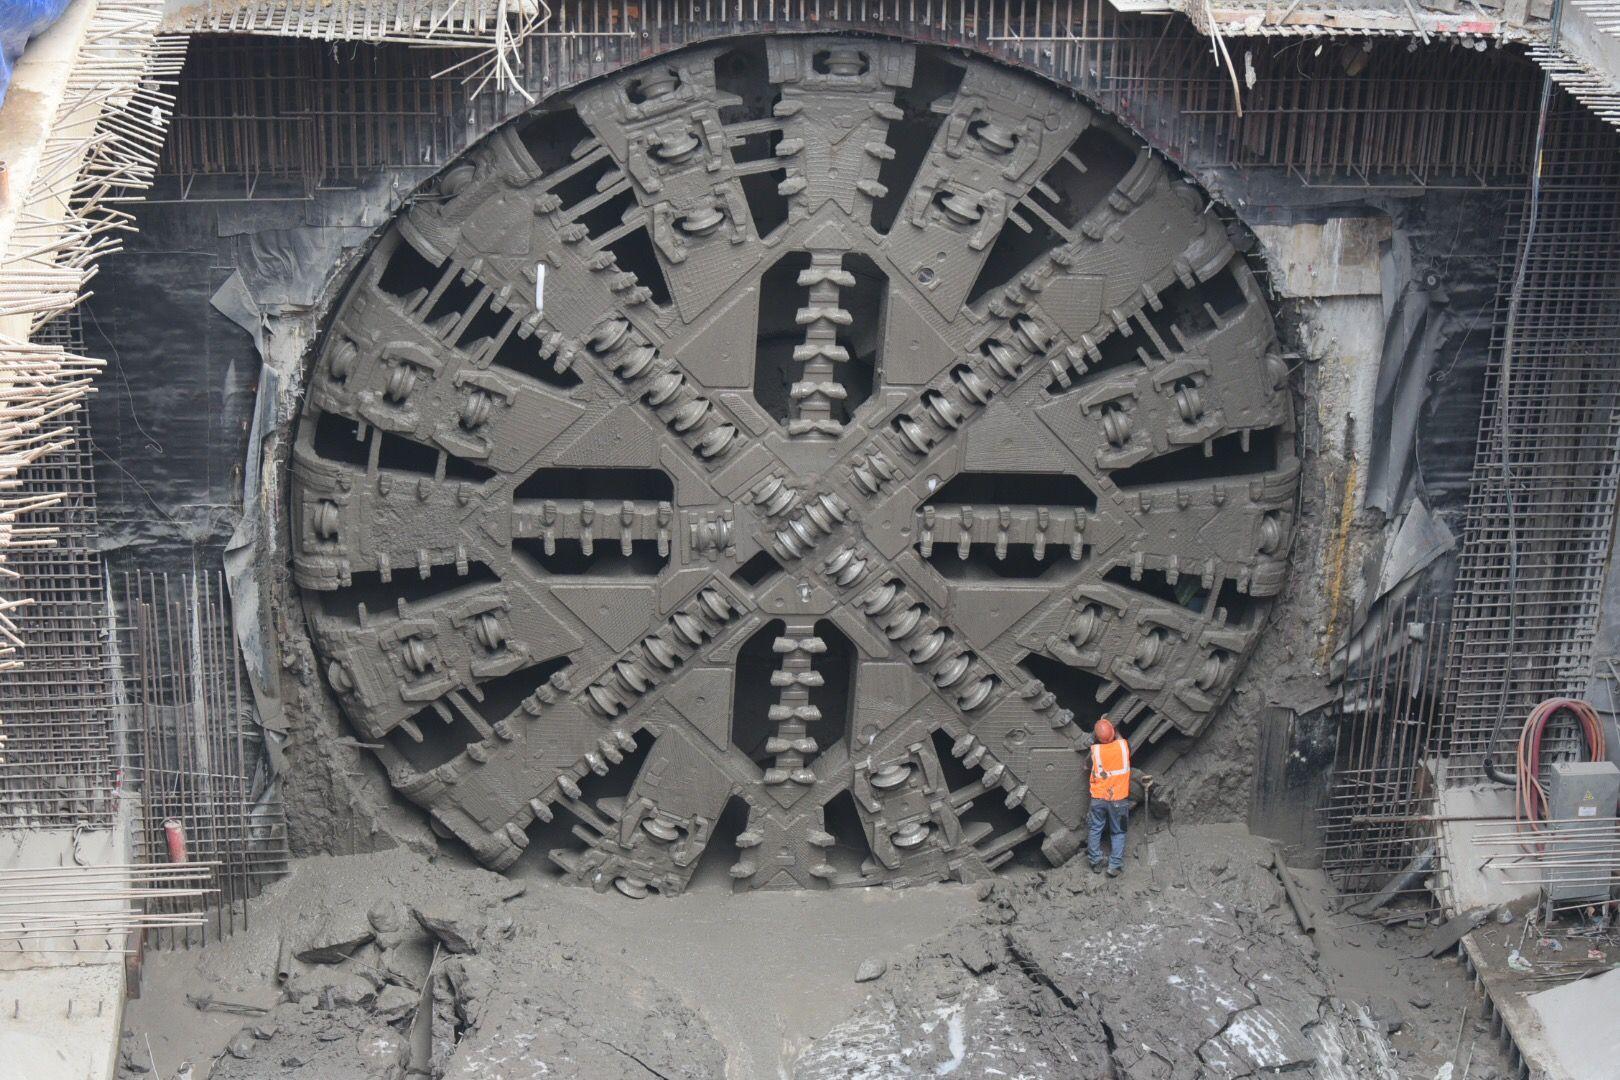 Москва проложила более 70 процентов тоннелей для Большого кольца метро